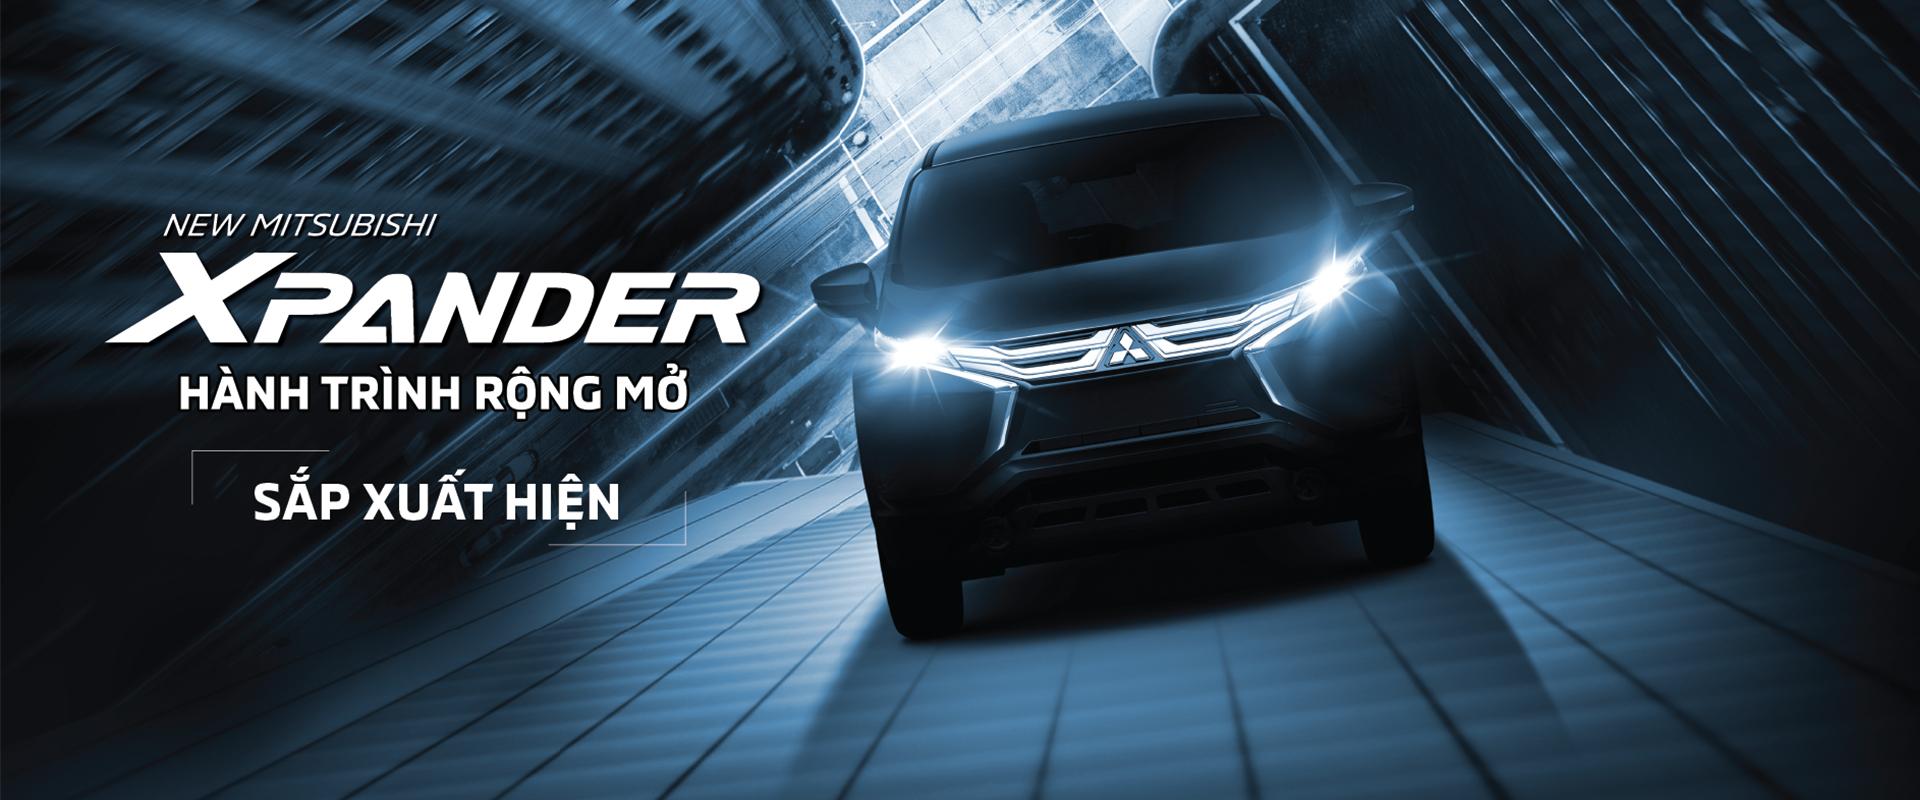 Mitsubishi Xpander 2020 Mới – Hành Trình Rộng Mở